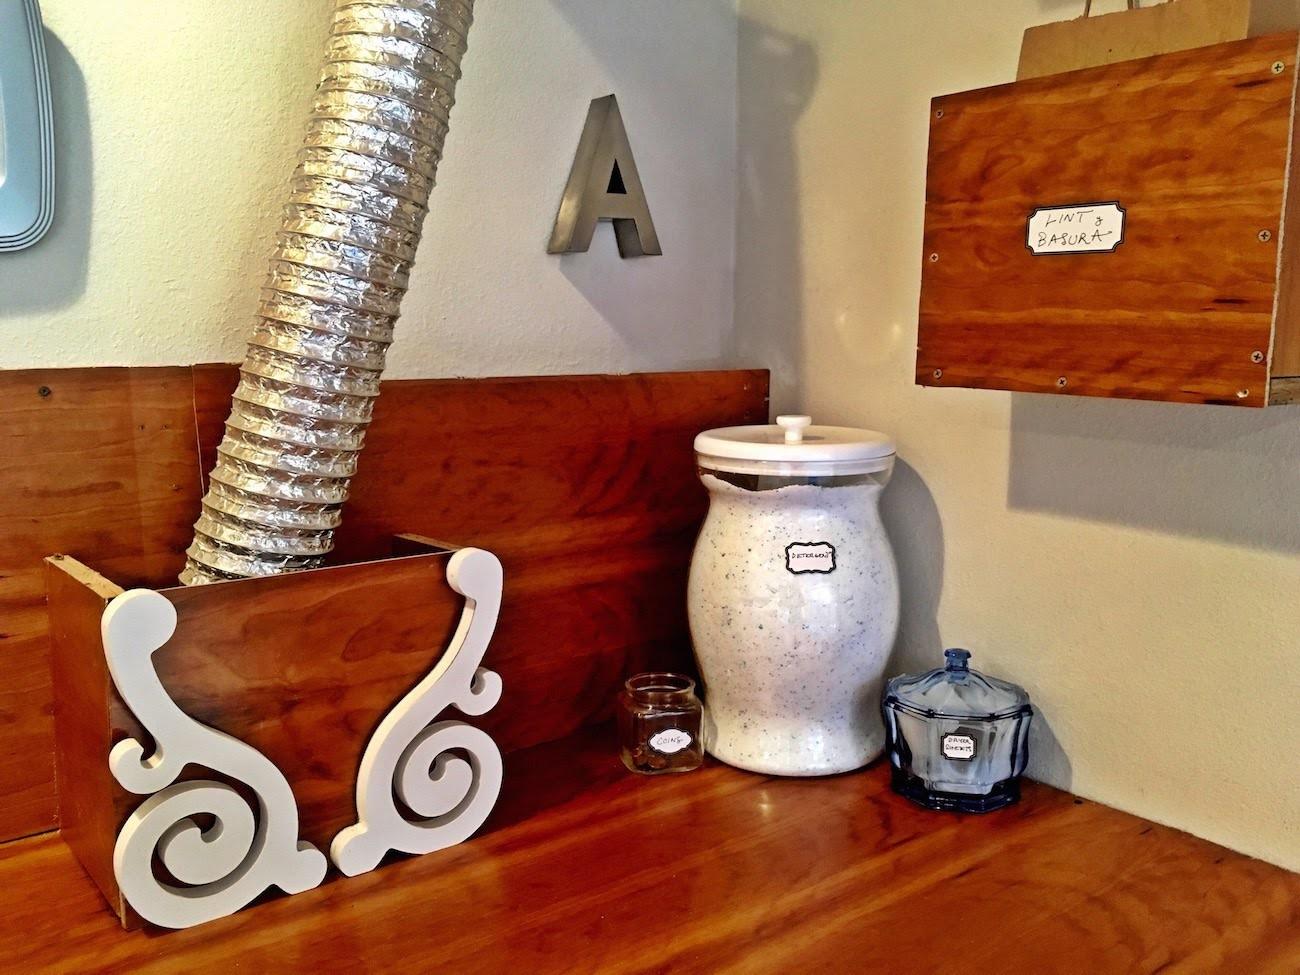 Pinterest-inspired DIY laundry room decor